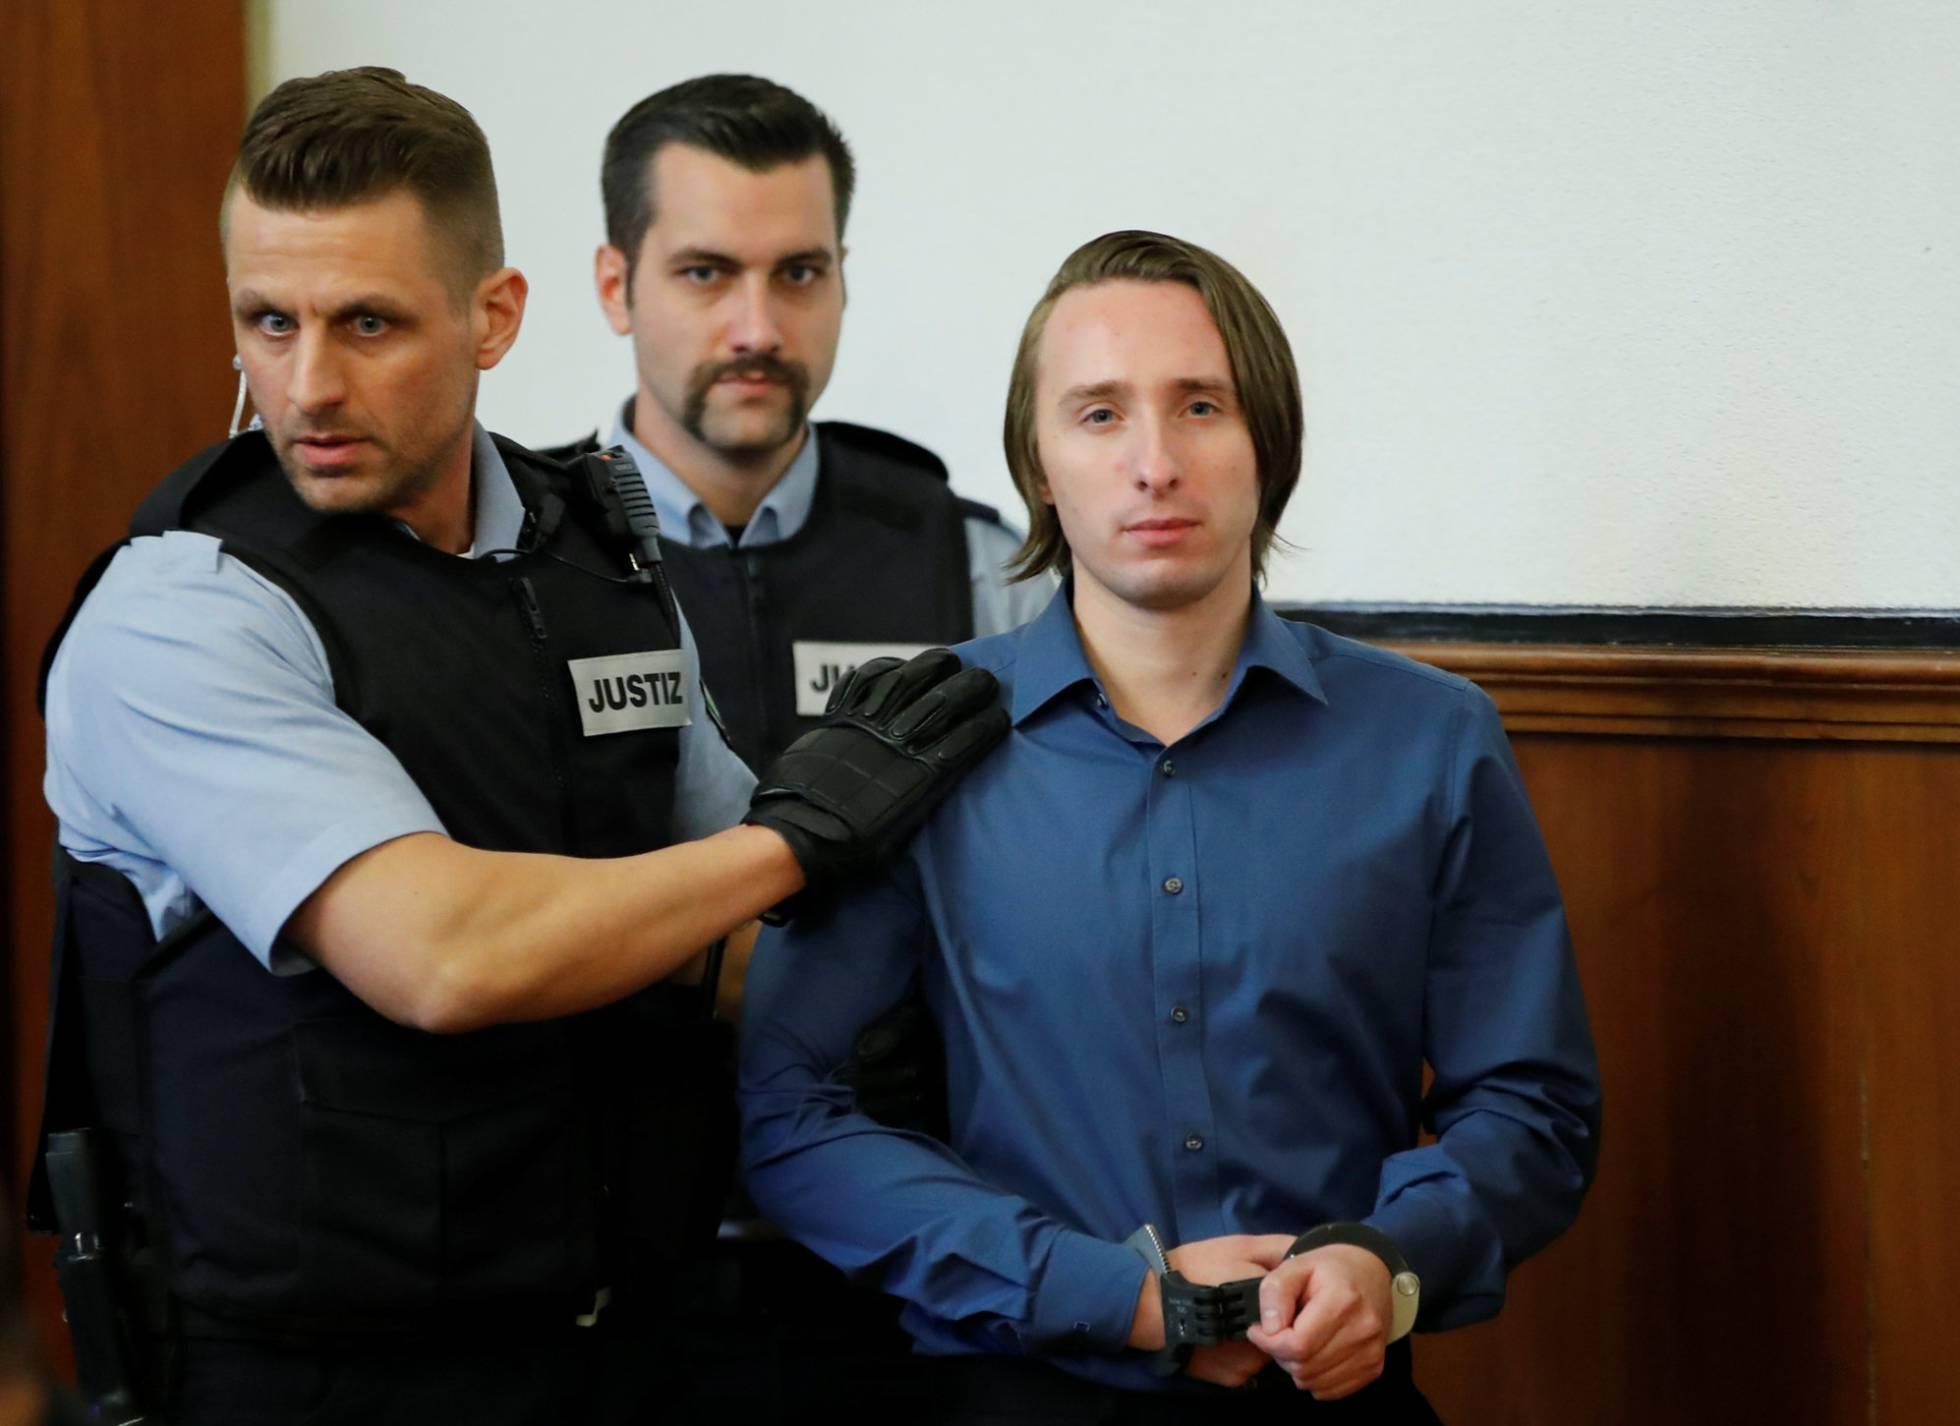 Arranca el juicio contra el presunto autor del atentado contra el autobús del Borussia